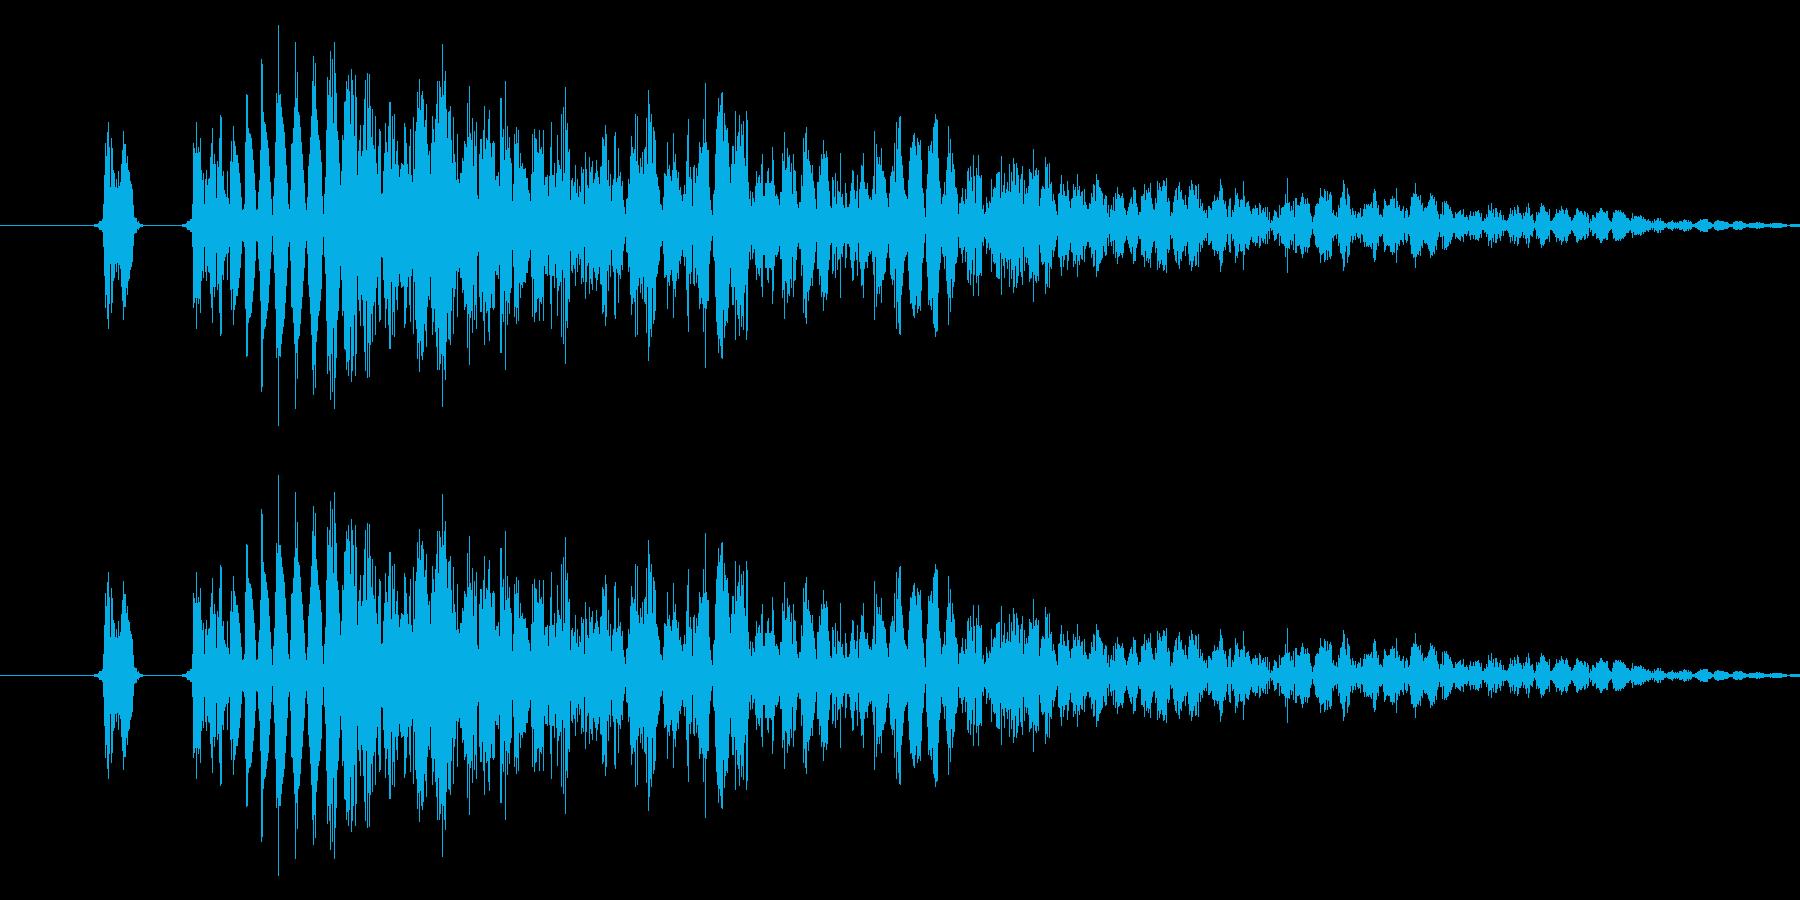 【打撃音05】パンチやキックに最適です!の再生済みの波形